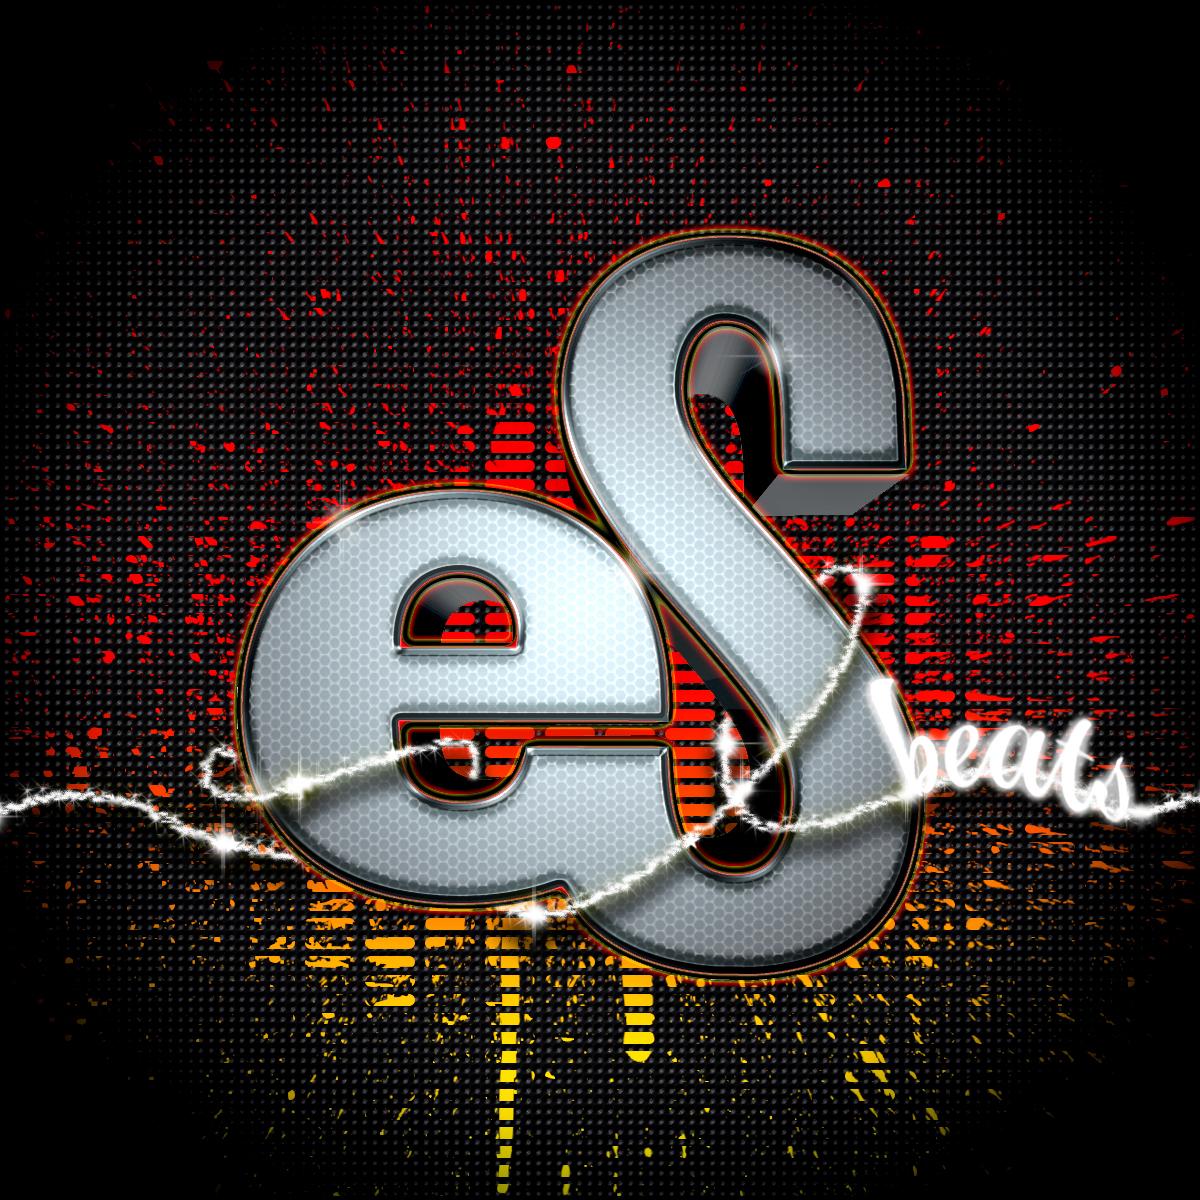 esbeats2